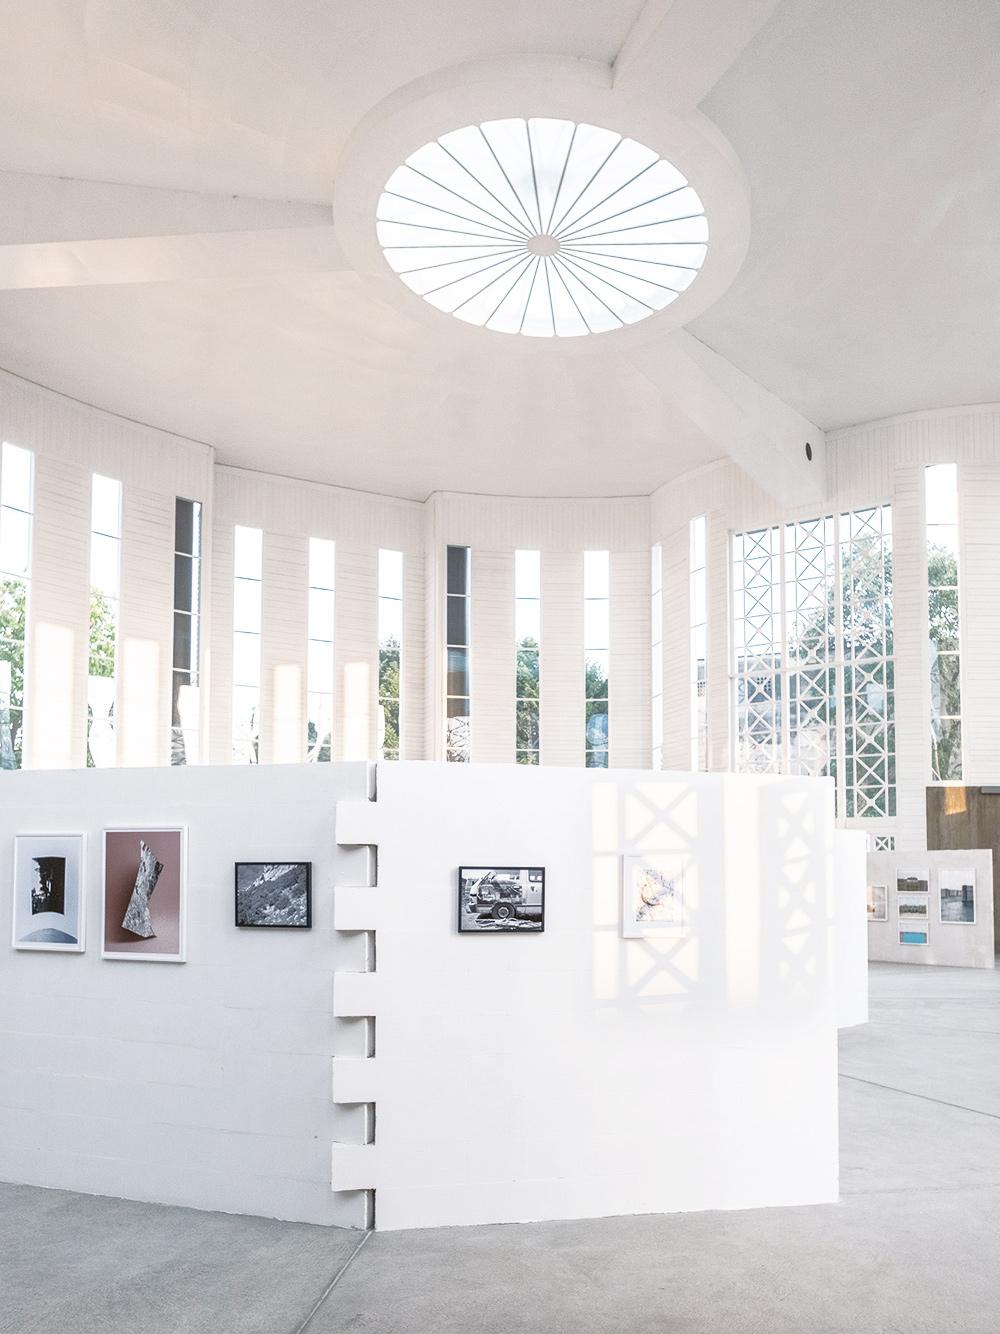 Encounter #2, Organ Vida, REVELATIONS, French Pavilion, Zagreb, 2016